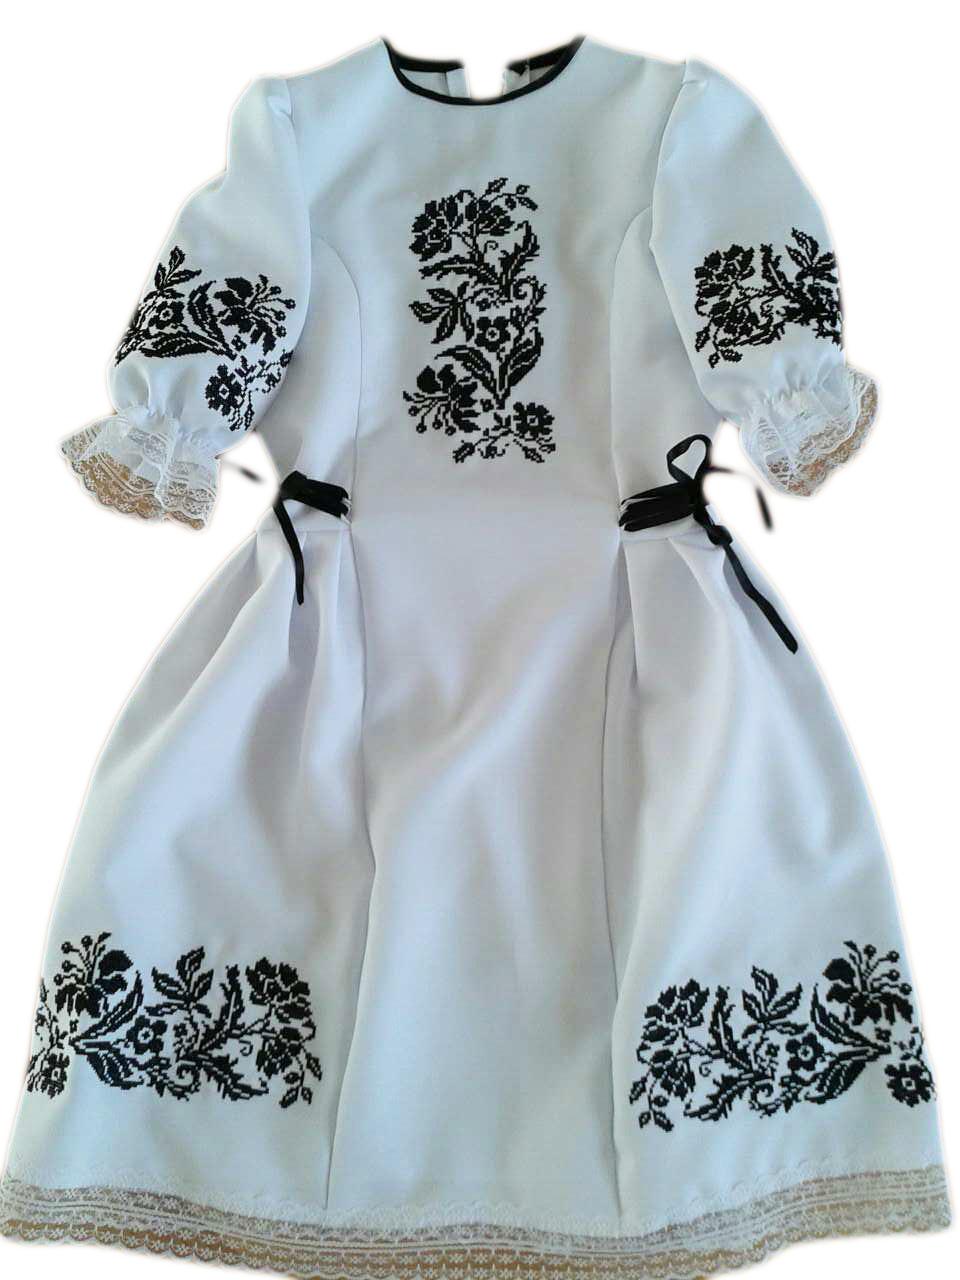 """Дитяча вишиванка для дівчинки """"Іліна"""" (Детская вышиванка для девочки """"Илина"""") DU-00016"""